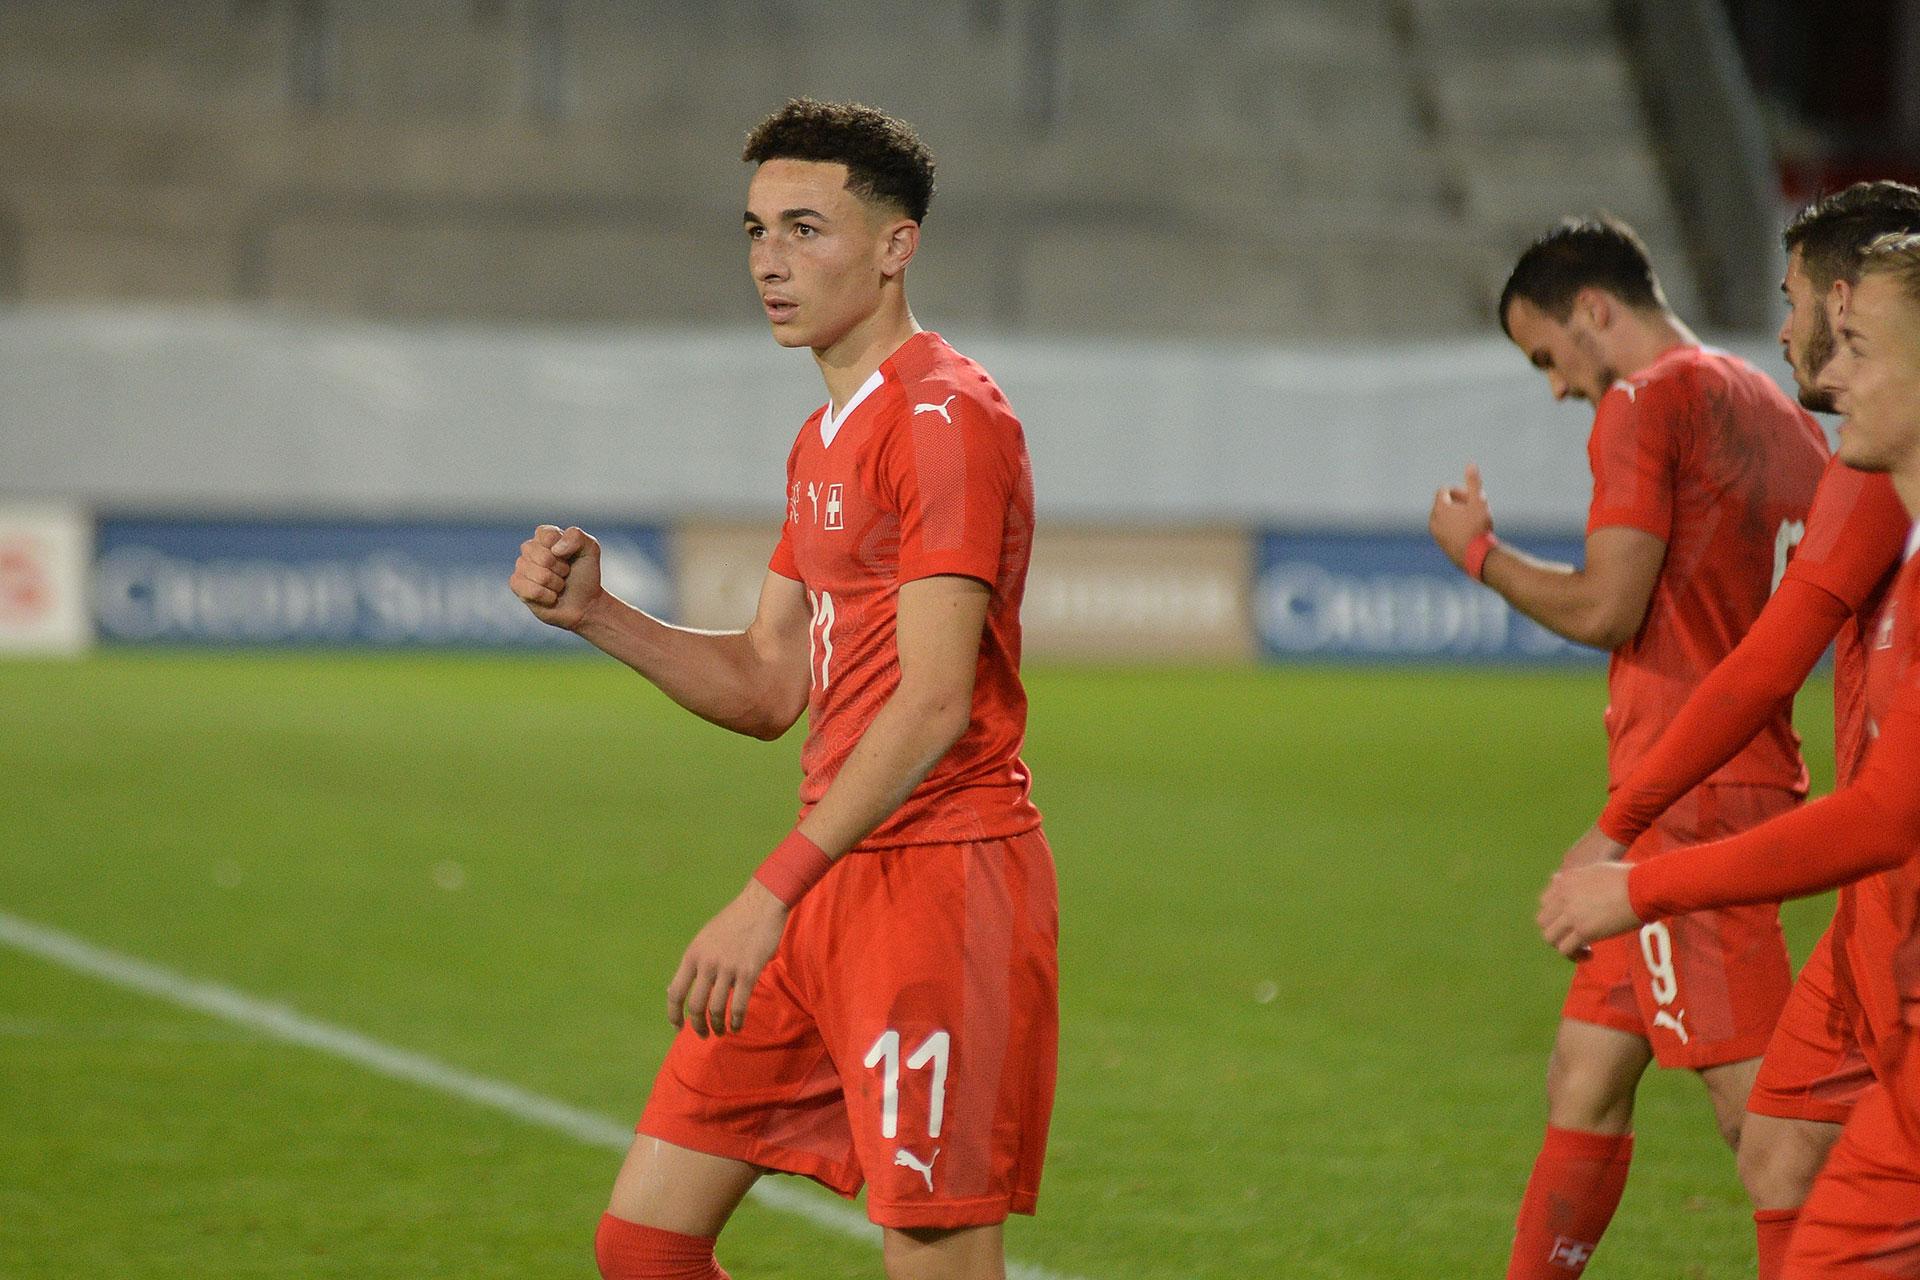 Länderspiele: Vargas schießt Schweizer U21 zum Sieg